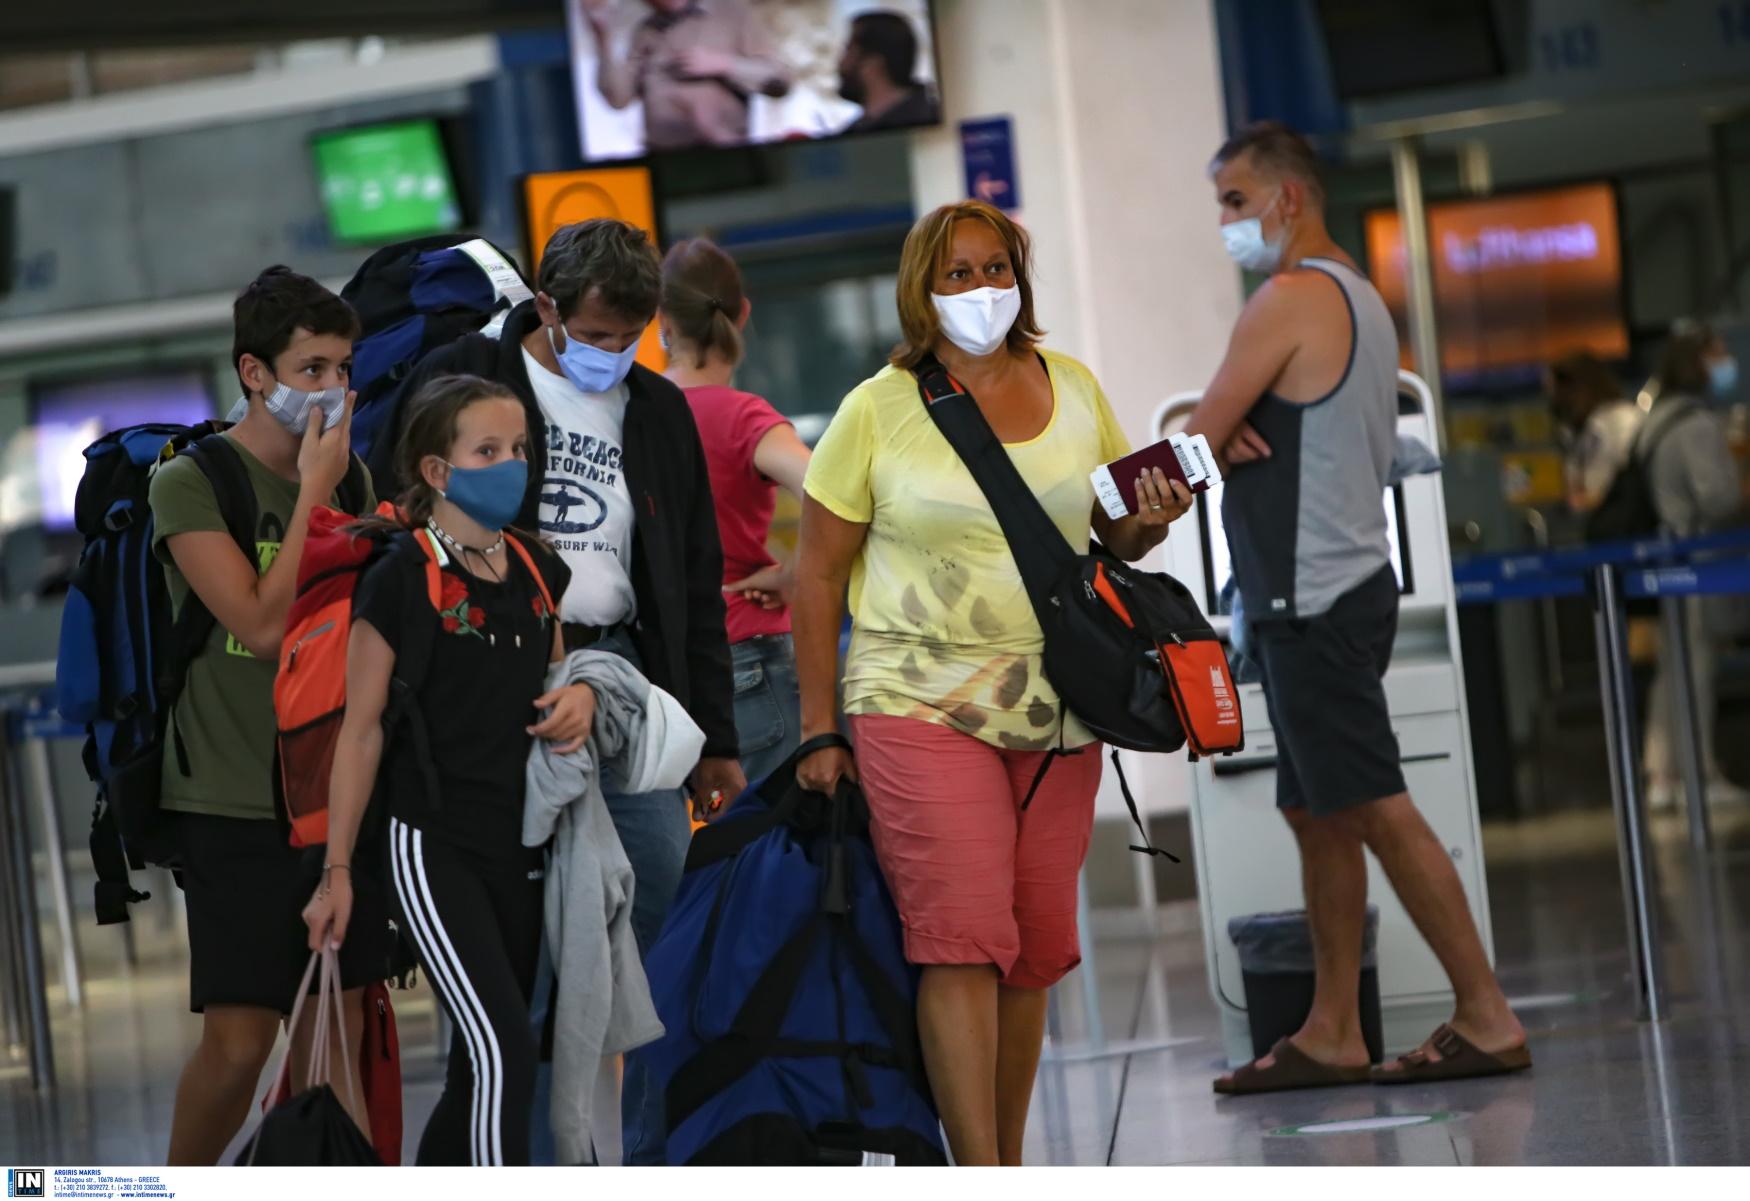 Κέρκυρα: Τριπλασιάστηκαν οι πτήσεις με τουρίστες – Η λίστα που προκαλεί αισιοδοξία